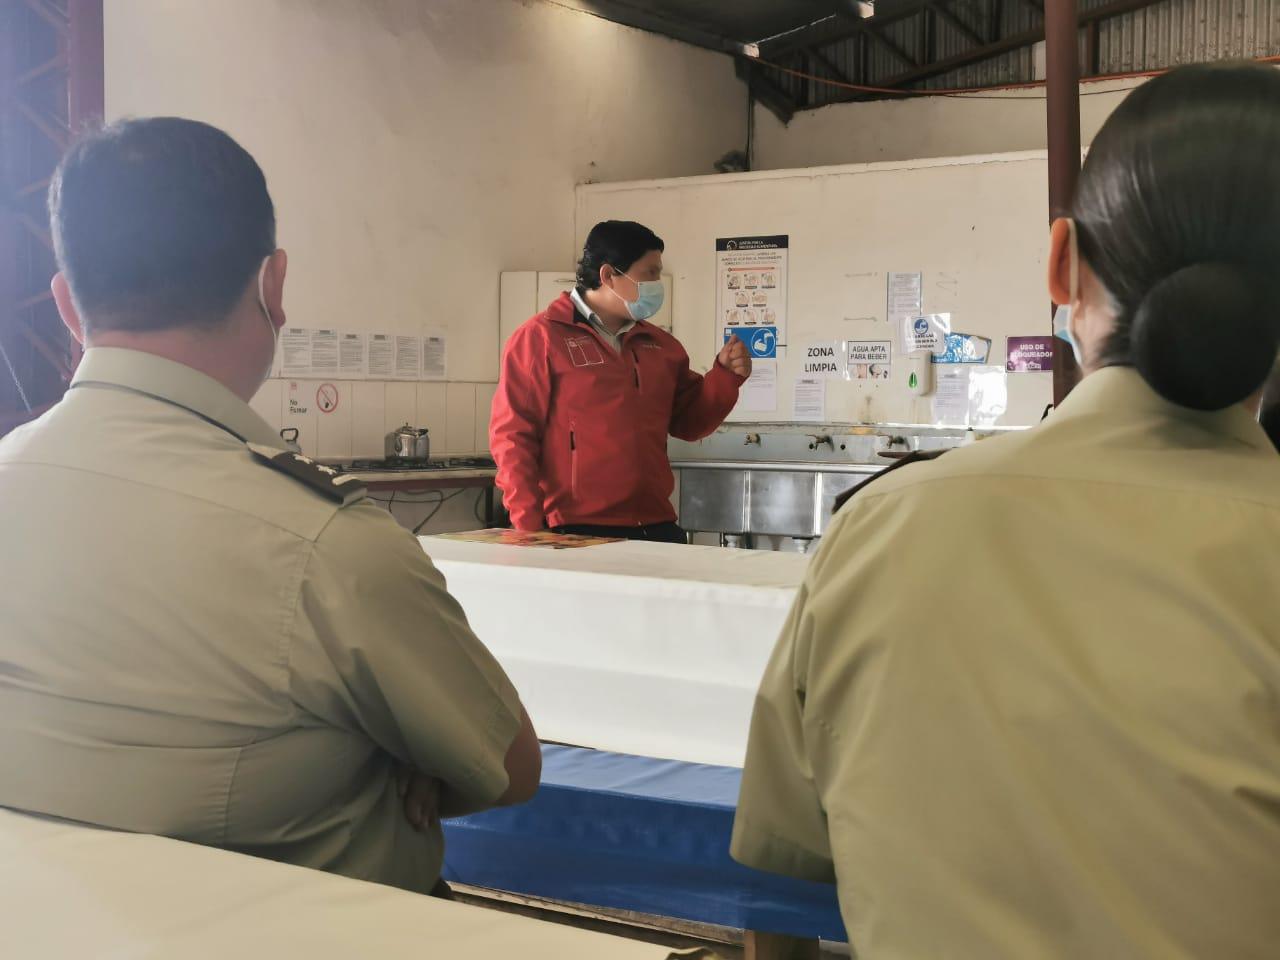 Inician temporada laboral agrícola en la provincia de Biobío con fuerte fiscalización